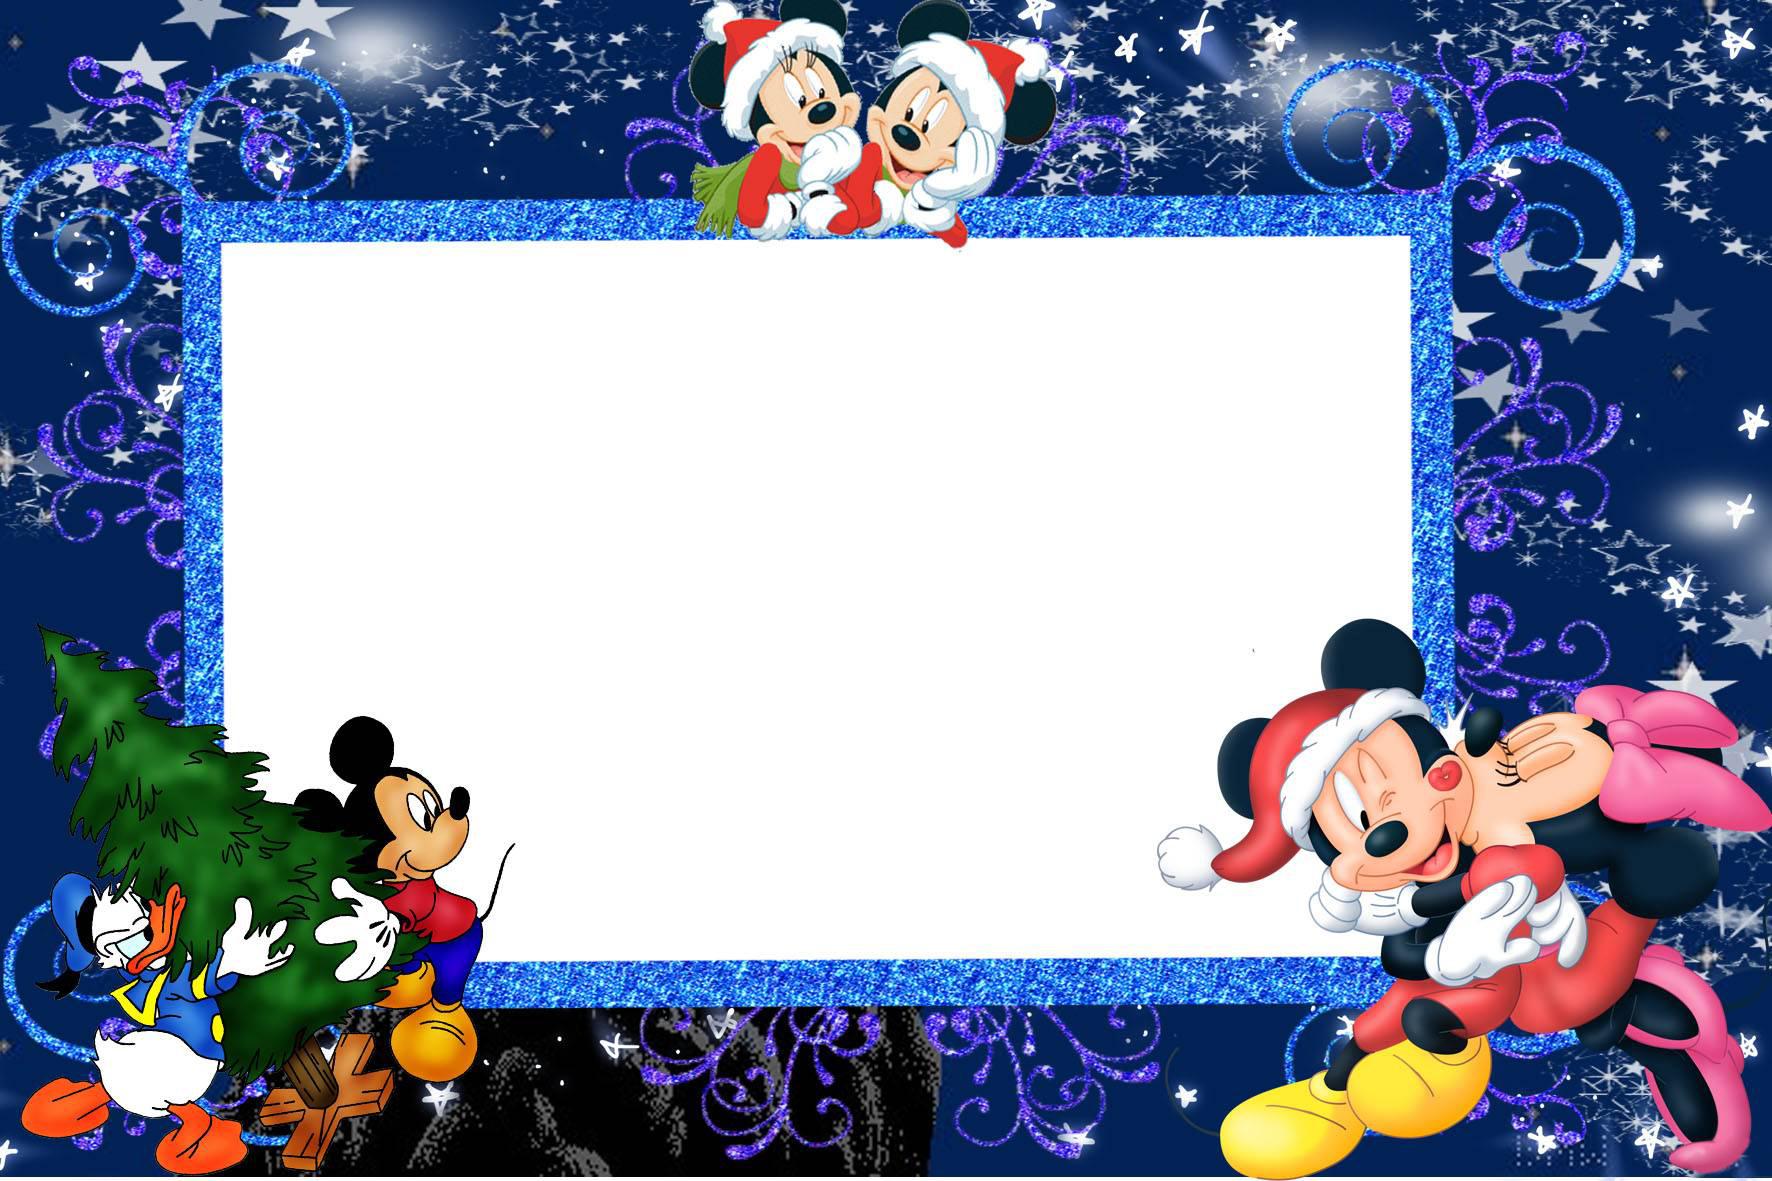 Новогодние рамки. Детская новогодняя рамка большого размера на классическом тёмно-синем фоне, украшенном разноцветными блестящими завитушками и звёздочками. Новогодняя рамка для детских портретов отлично украсит детские фотографии и станет оригинальным подарком для всей семьи. Новогодняя рамка может быть использована и в качестве оформления общей семейной фотографии, а замечательные Микки-Маусы будут поднимать Вам настроение каждый раз при взгляде на новогоднюю рамку.